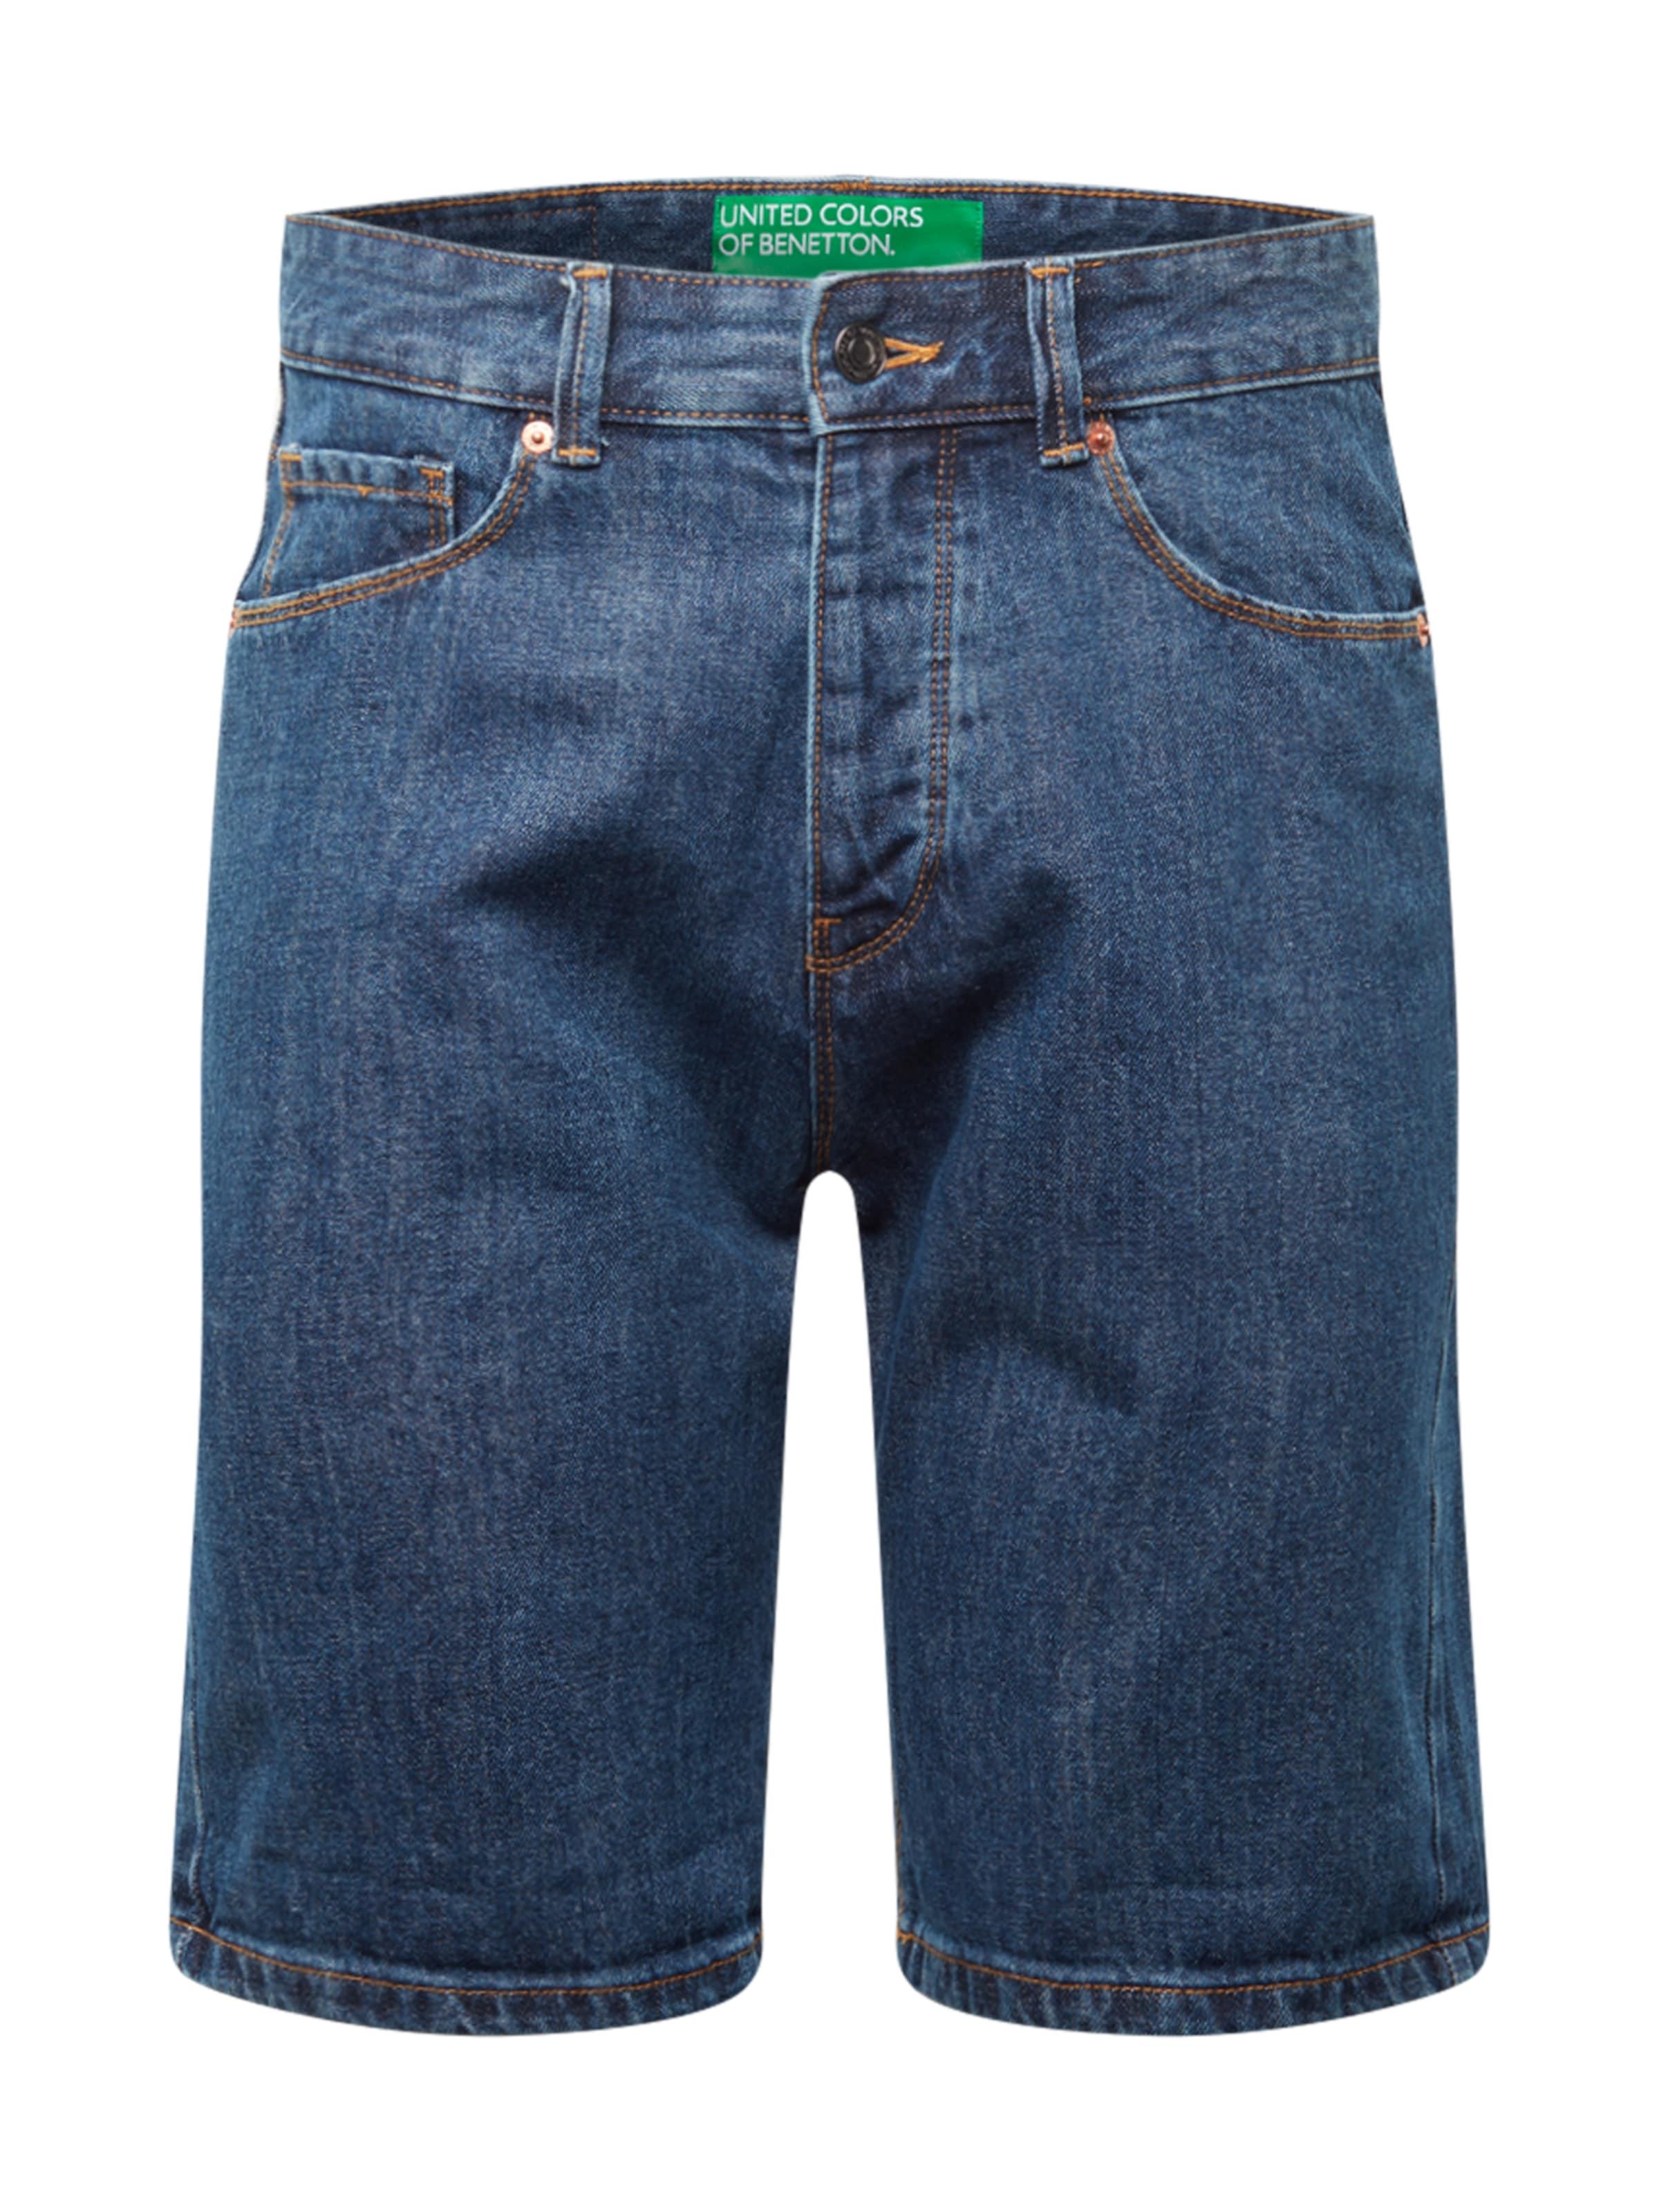 UNITED COLORS OF BENETTON Jeans i blå denim